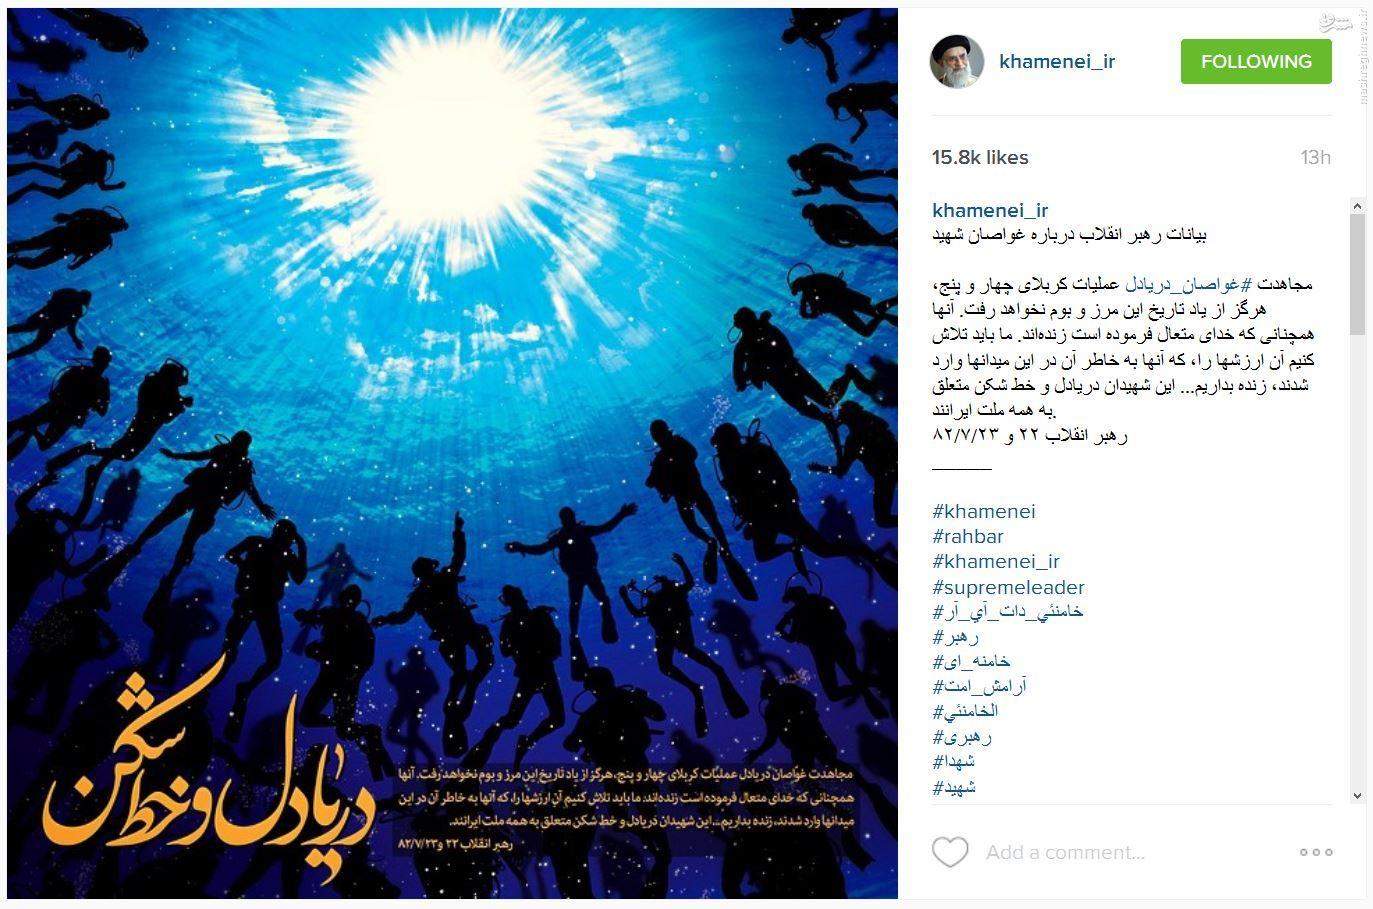 طرح khamenei.ir برای شهدای غواص